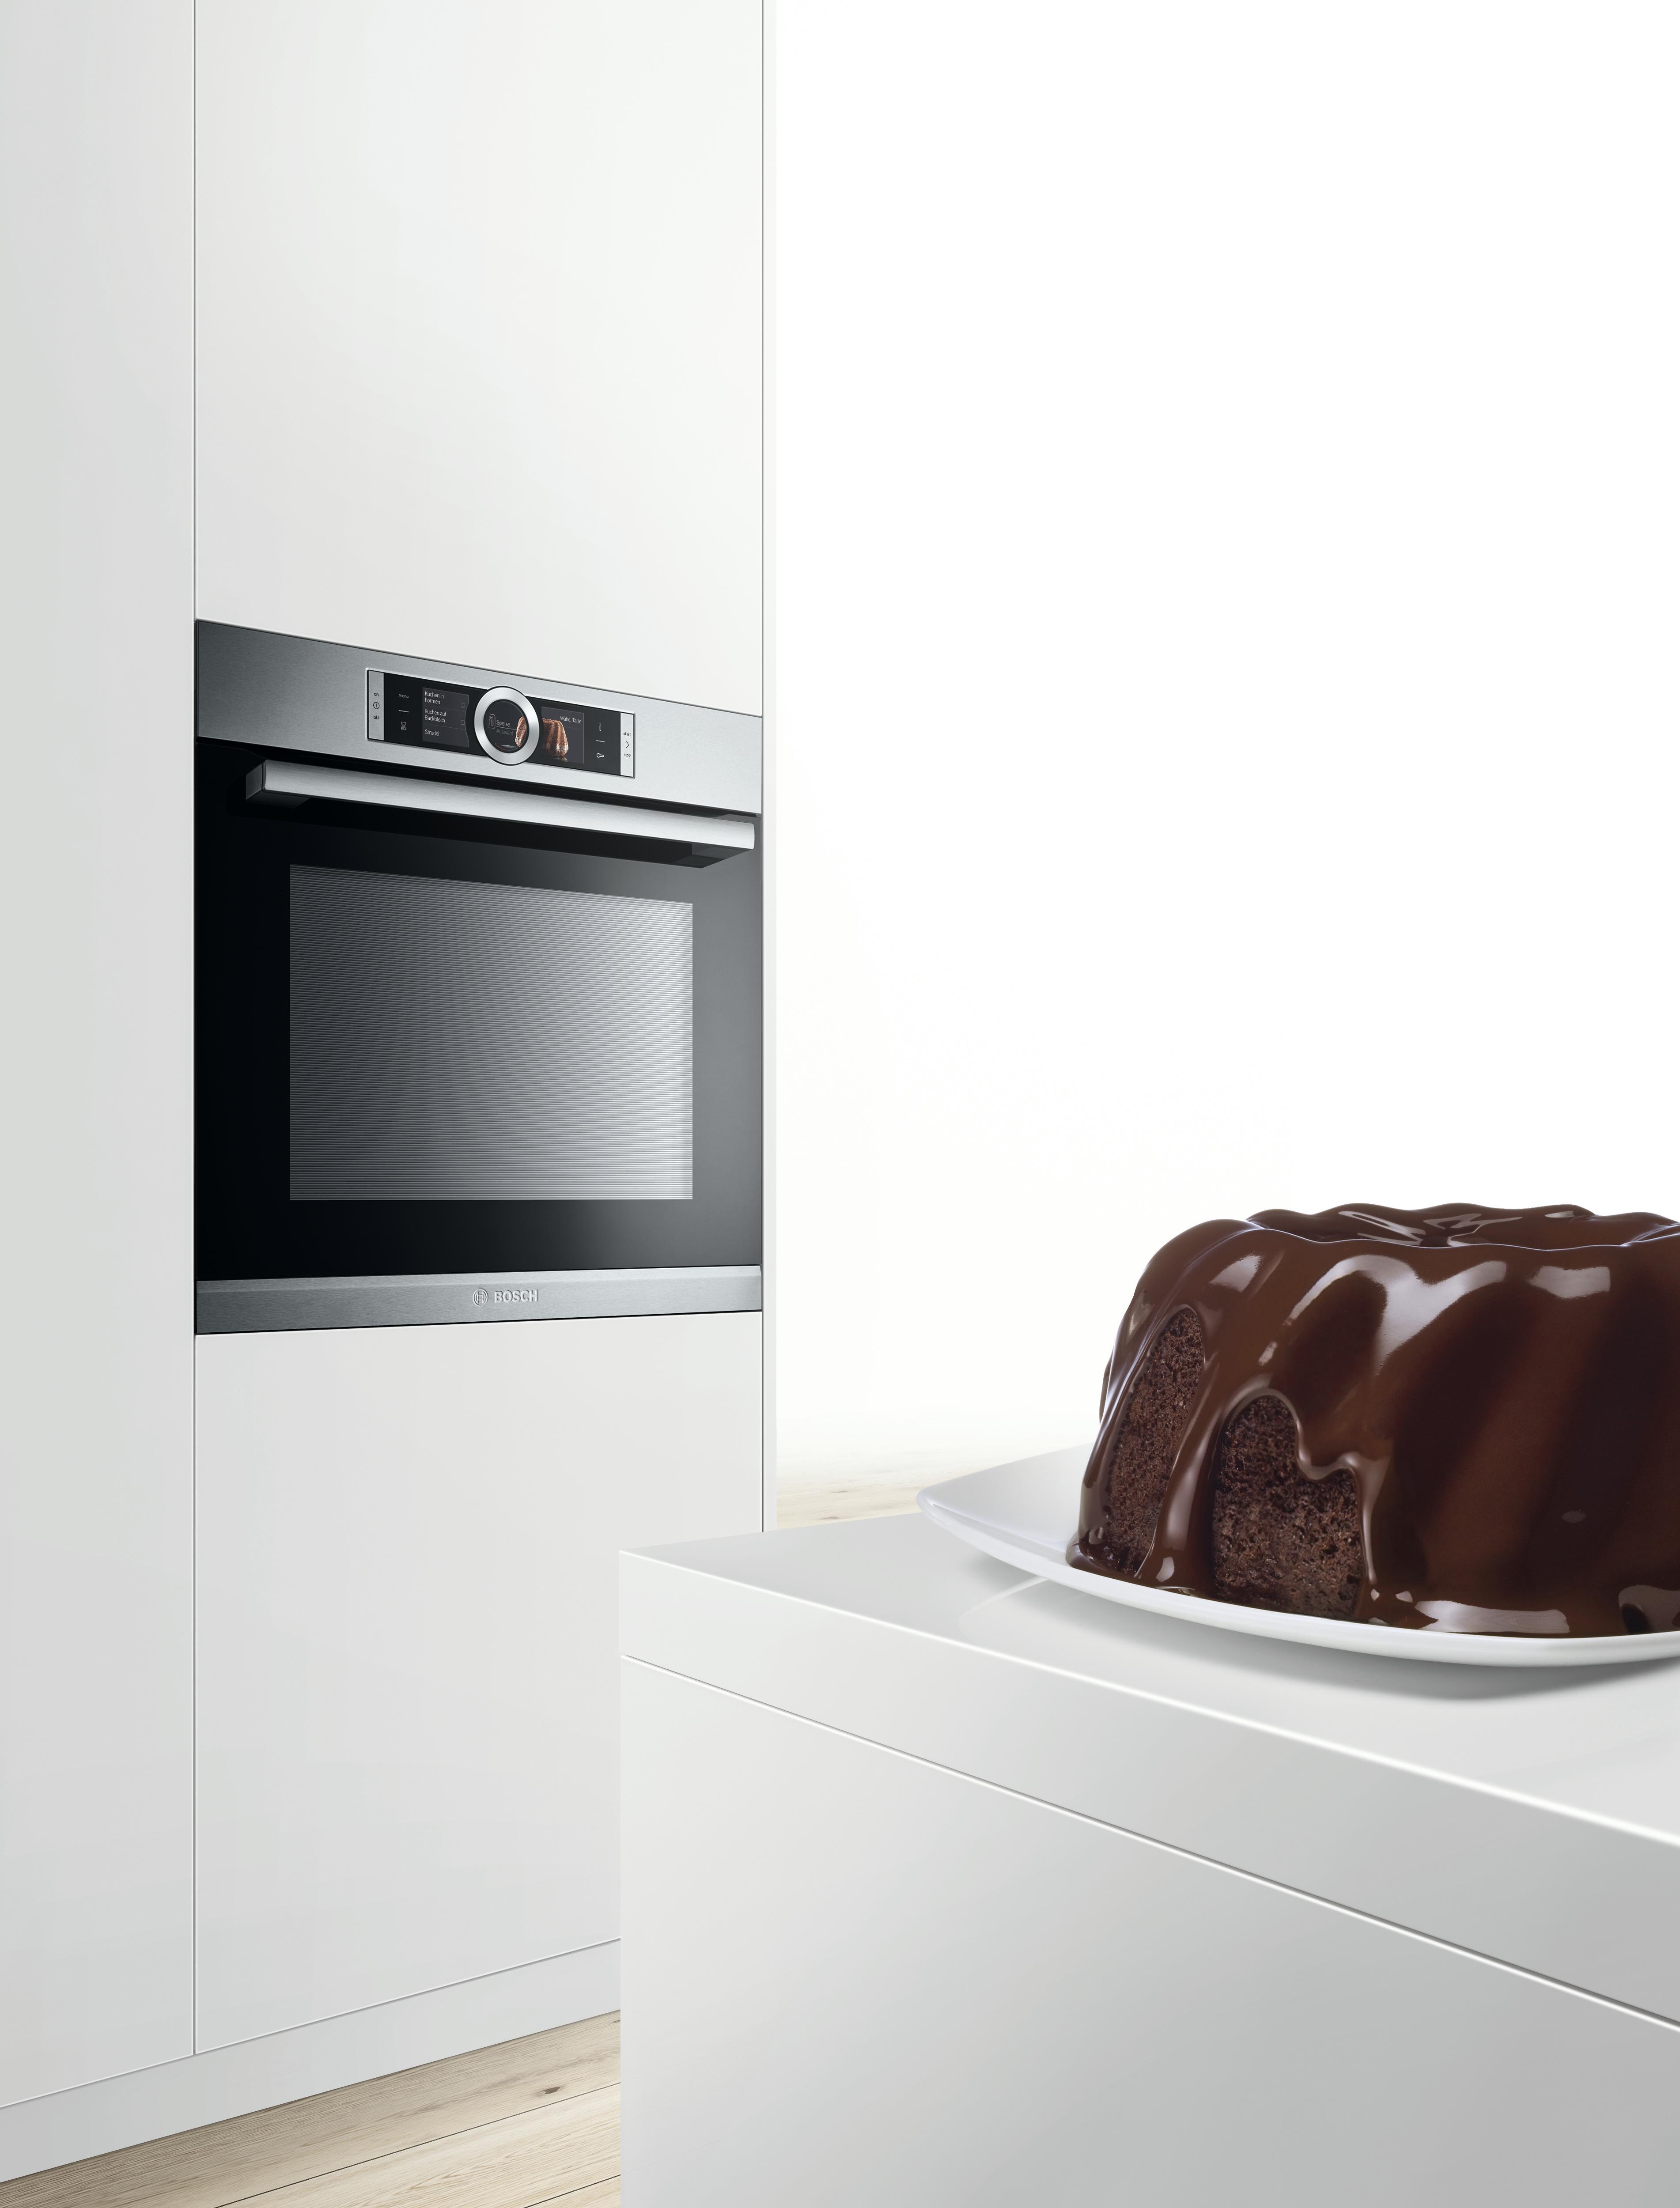 einfach zum perfekten ergebnis bosch stellt serie 8 backofen vor presseportal. Black Bedroom Furniture Sets. Home Design Ideas